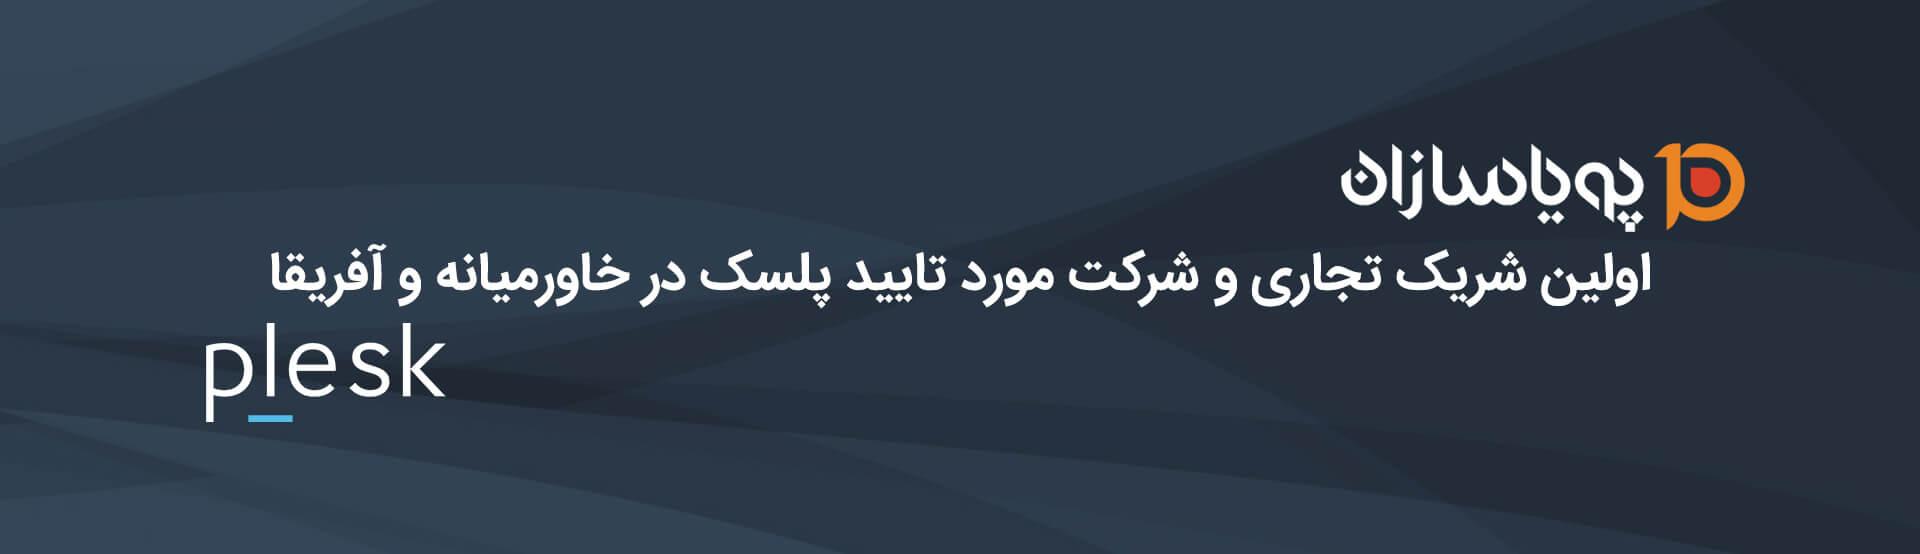 اولین شریک تجاری و شرکت مورد تایید پلسک در ایران و خاورمیانه